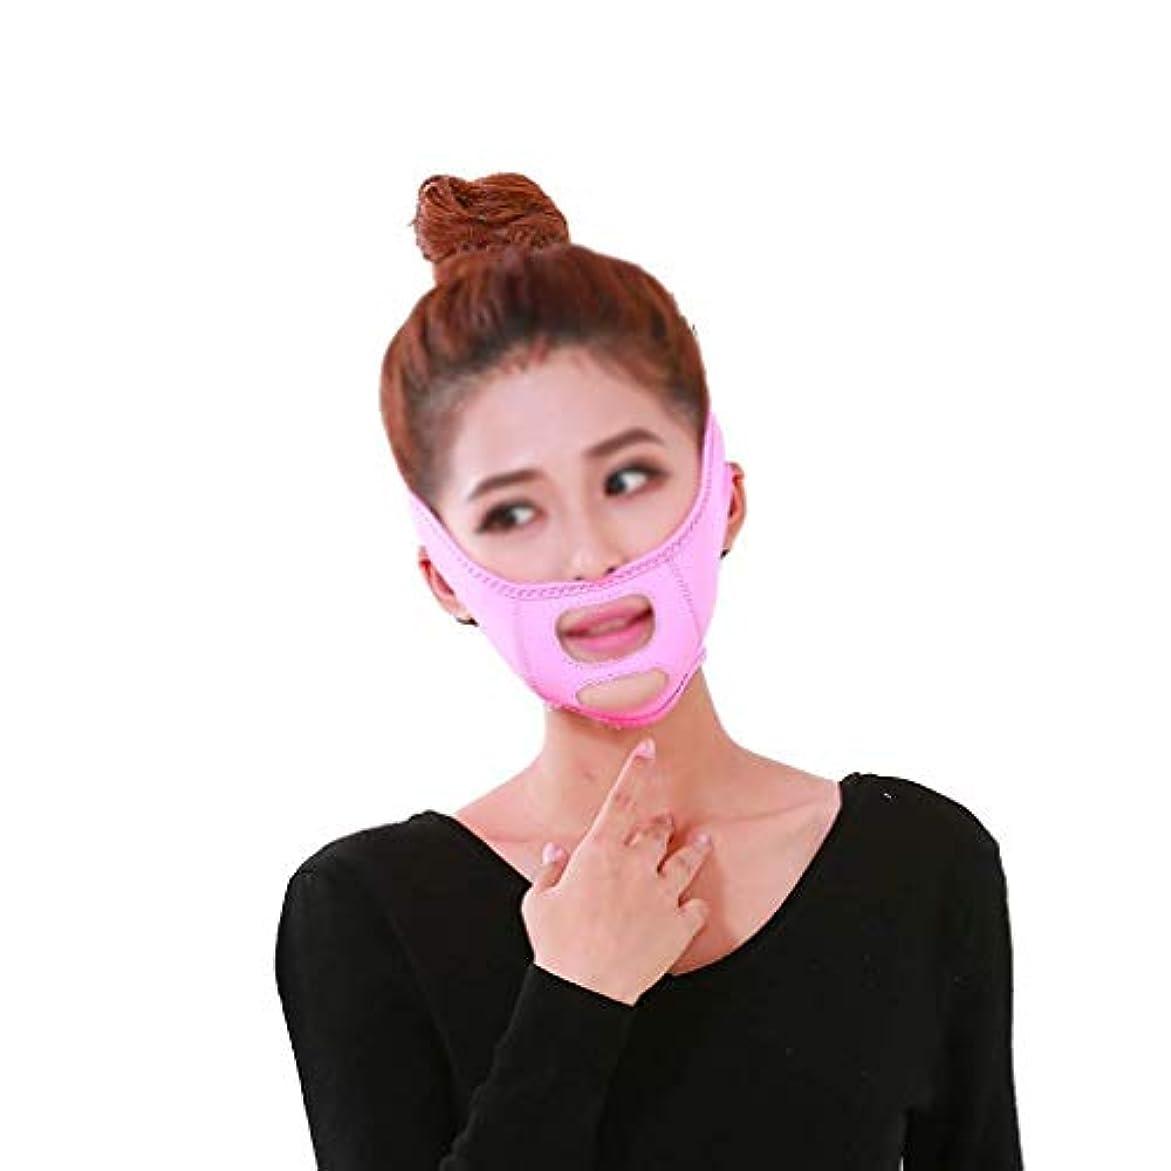 勇気オペラ野心フェイスリフトフェイシャル、フェイシャルマスクVフェイスマスクタイトで肌のリラクゼーションを防止Vフェイスアーティファクトフェイスリフトバンデージフェイスケア(色:ピンク)